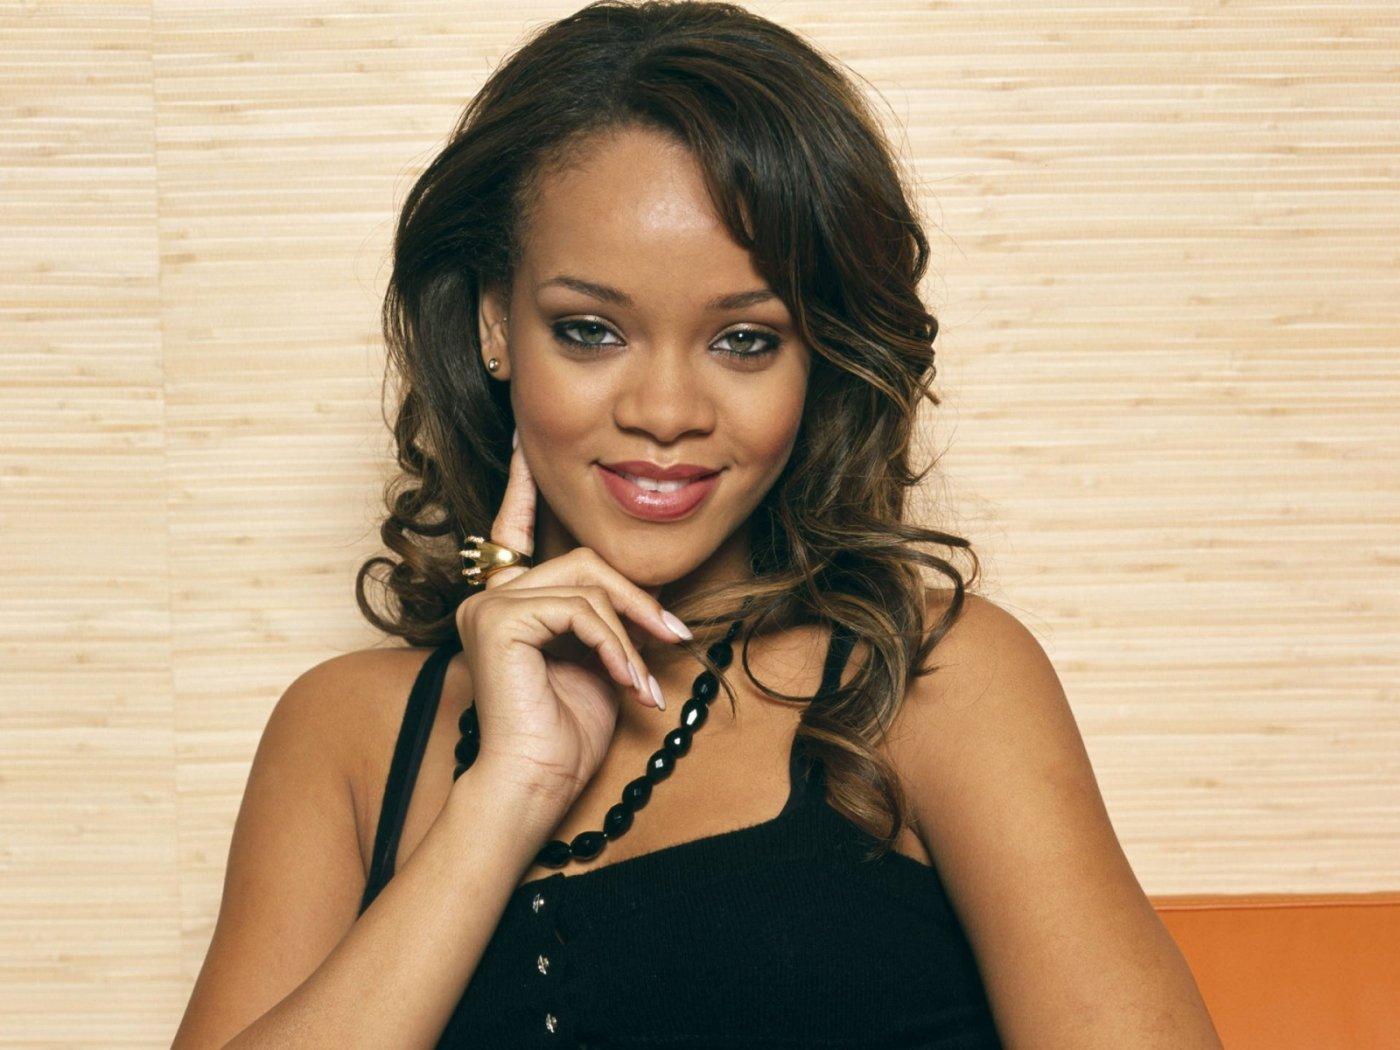 http://1.bp.blogspot.com/-UeLdTd7u0o8/Tyaj1HJbIiI/AAAAAAAAC6o/rQO72k6xwQQ/s1600/Rihanna-Hot-wallpapers-3.jpg